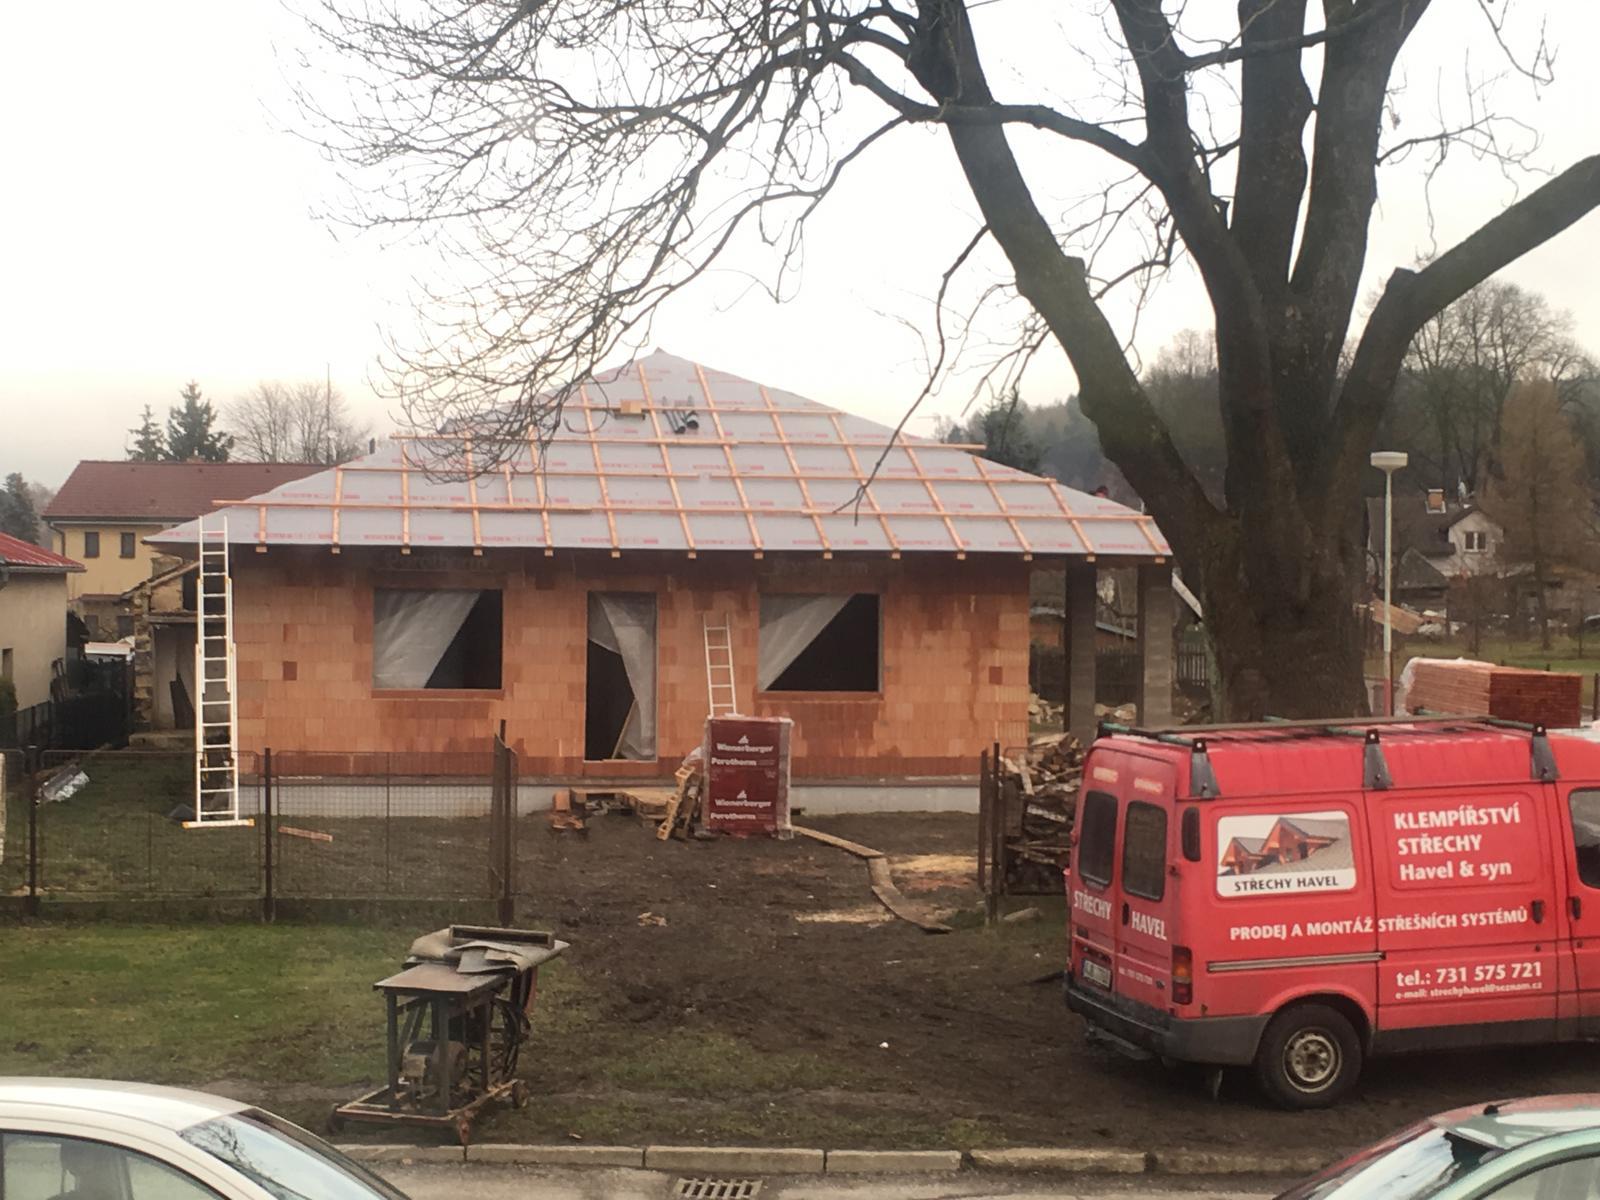 Stavíme si náš sen - Prosinec 2017 - začínáme střechu